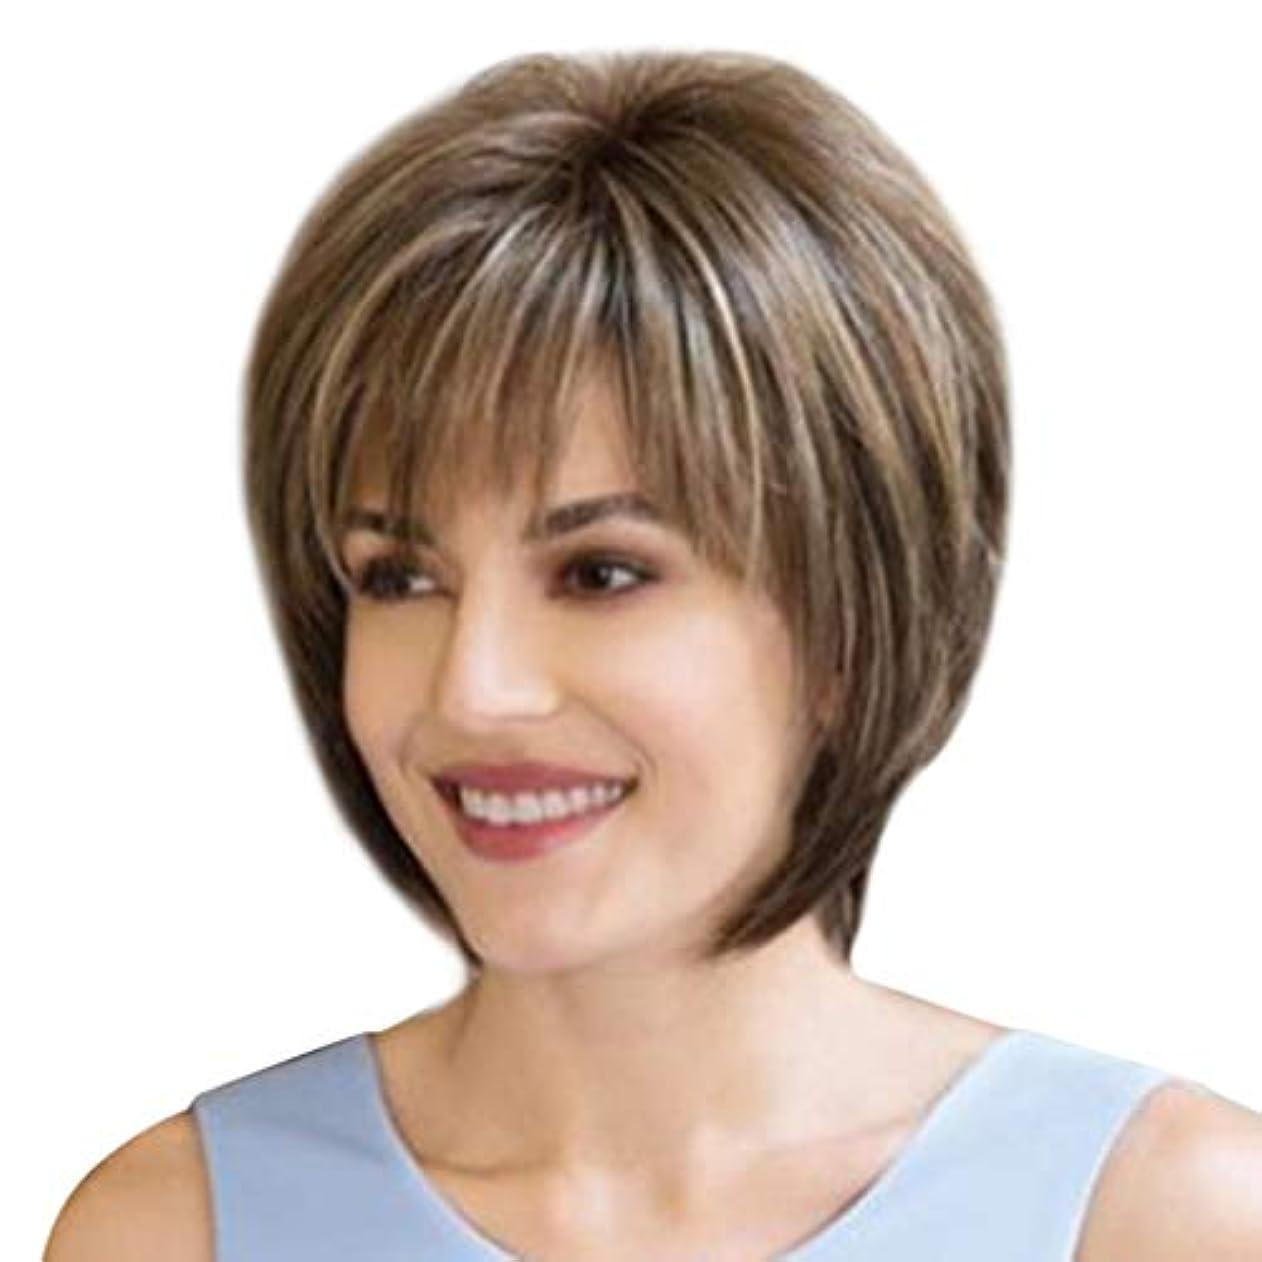 ショルダー平野お願いしますCinhent 8インチファッション合成ストレートショートレディースウィッグふわふわ染色天然のリアルな髪の毛のかつら女性のファイバー